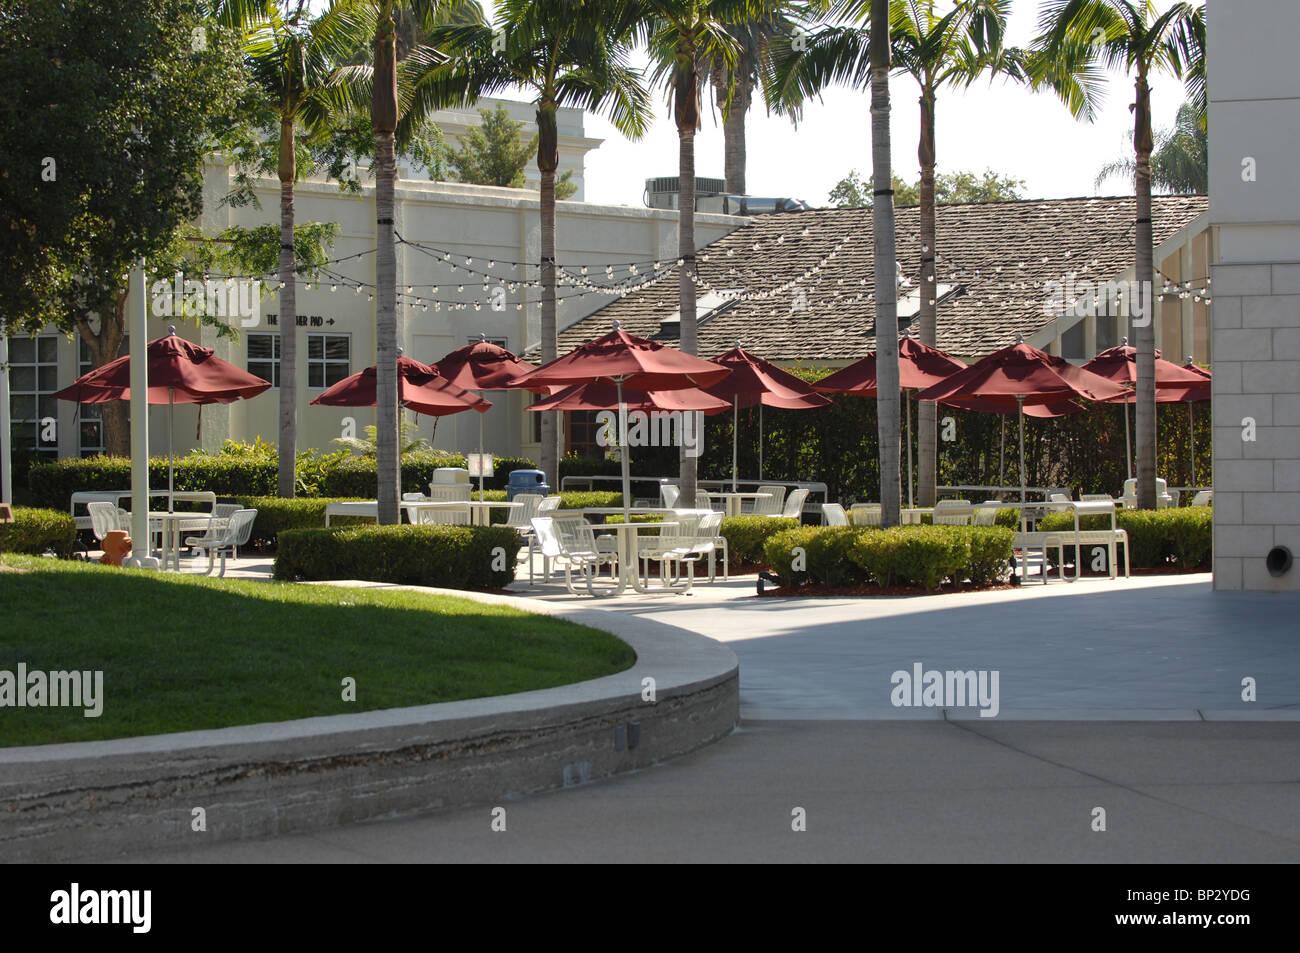 Outdoor café at Chapman University, California. - Stock Image